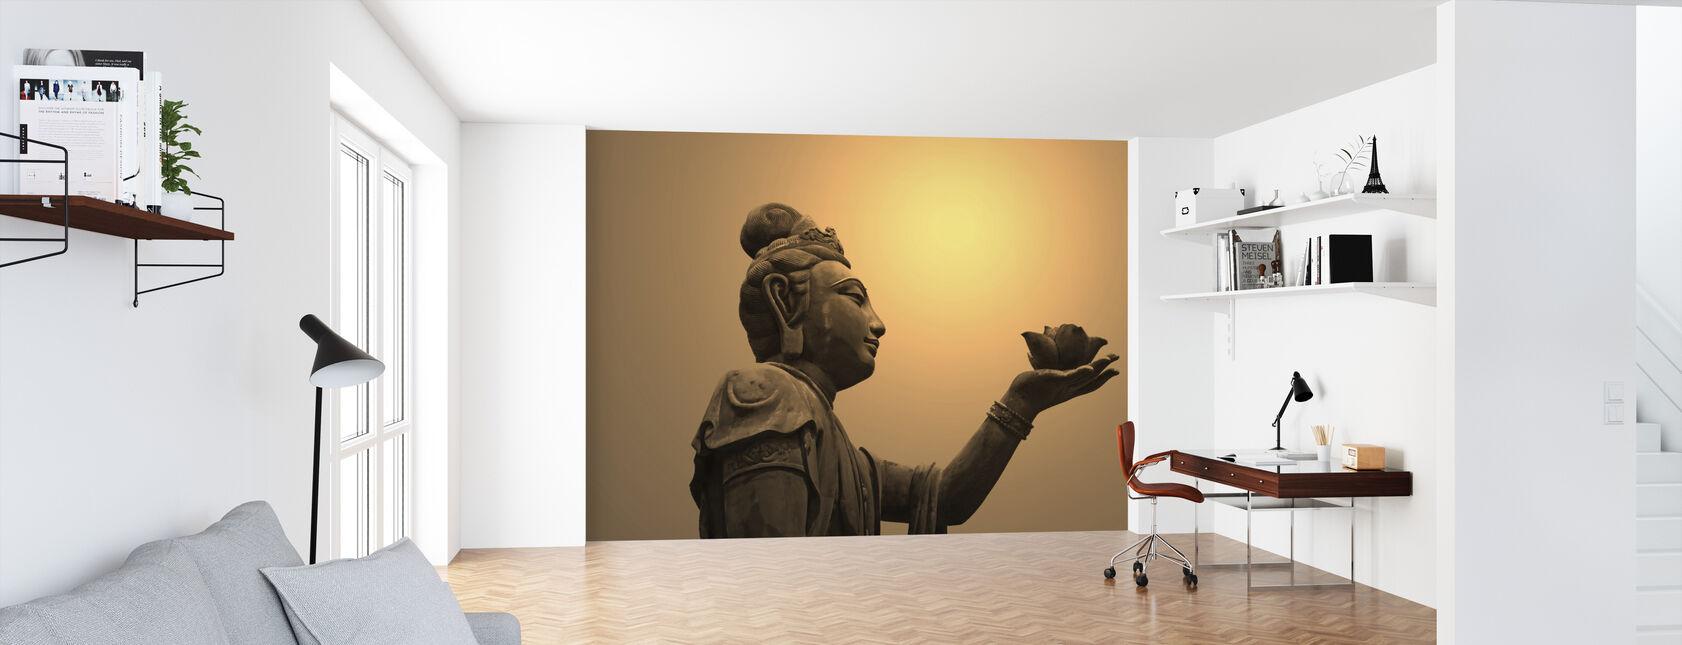 Estatua budista, Hong Kong - Papel pintado - Oficina